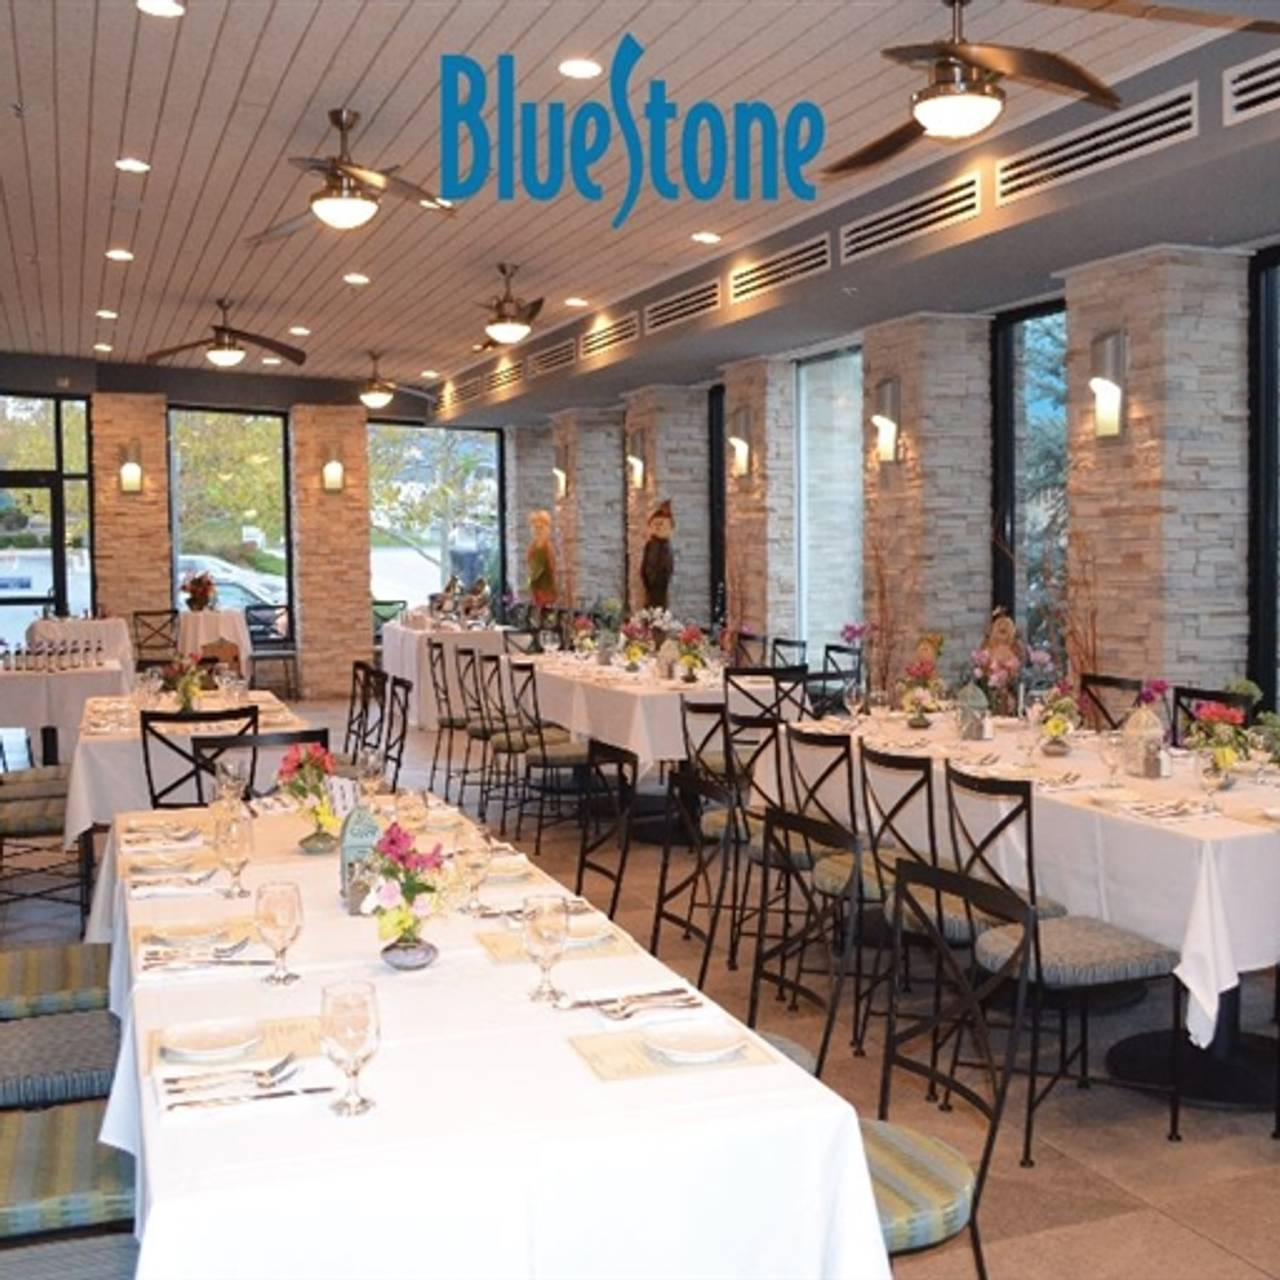 Bluestone Timonium Md